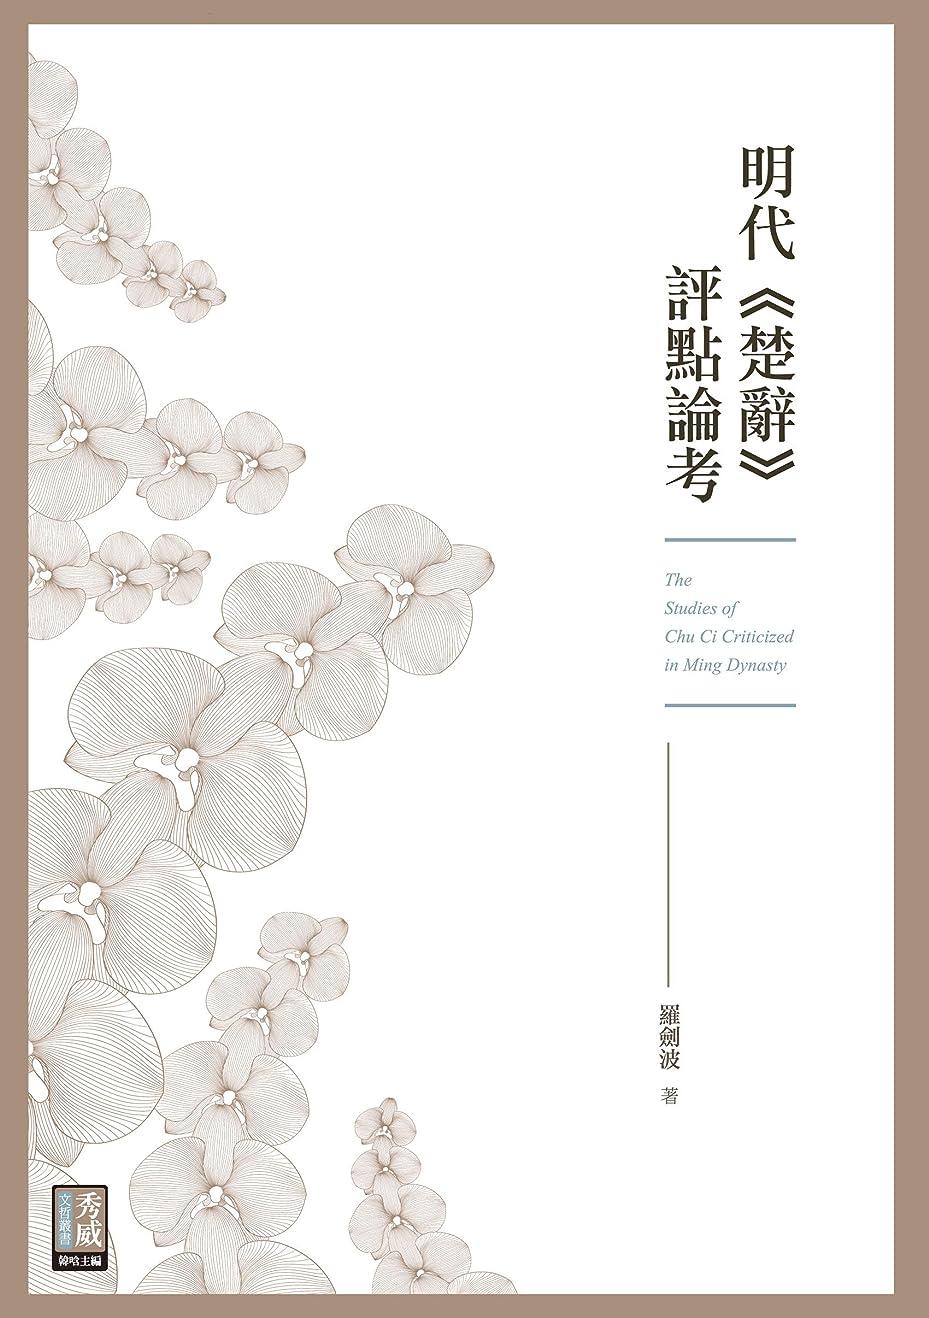 できないインク改修する明代《楚辭》評點論考 (Traditional Chinese Edition)